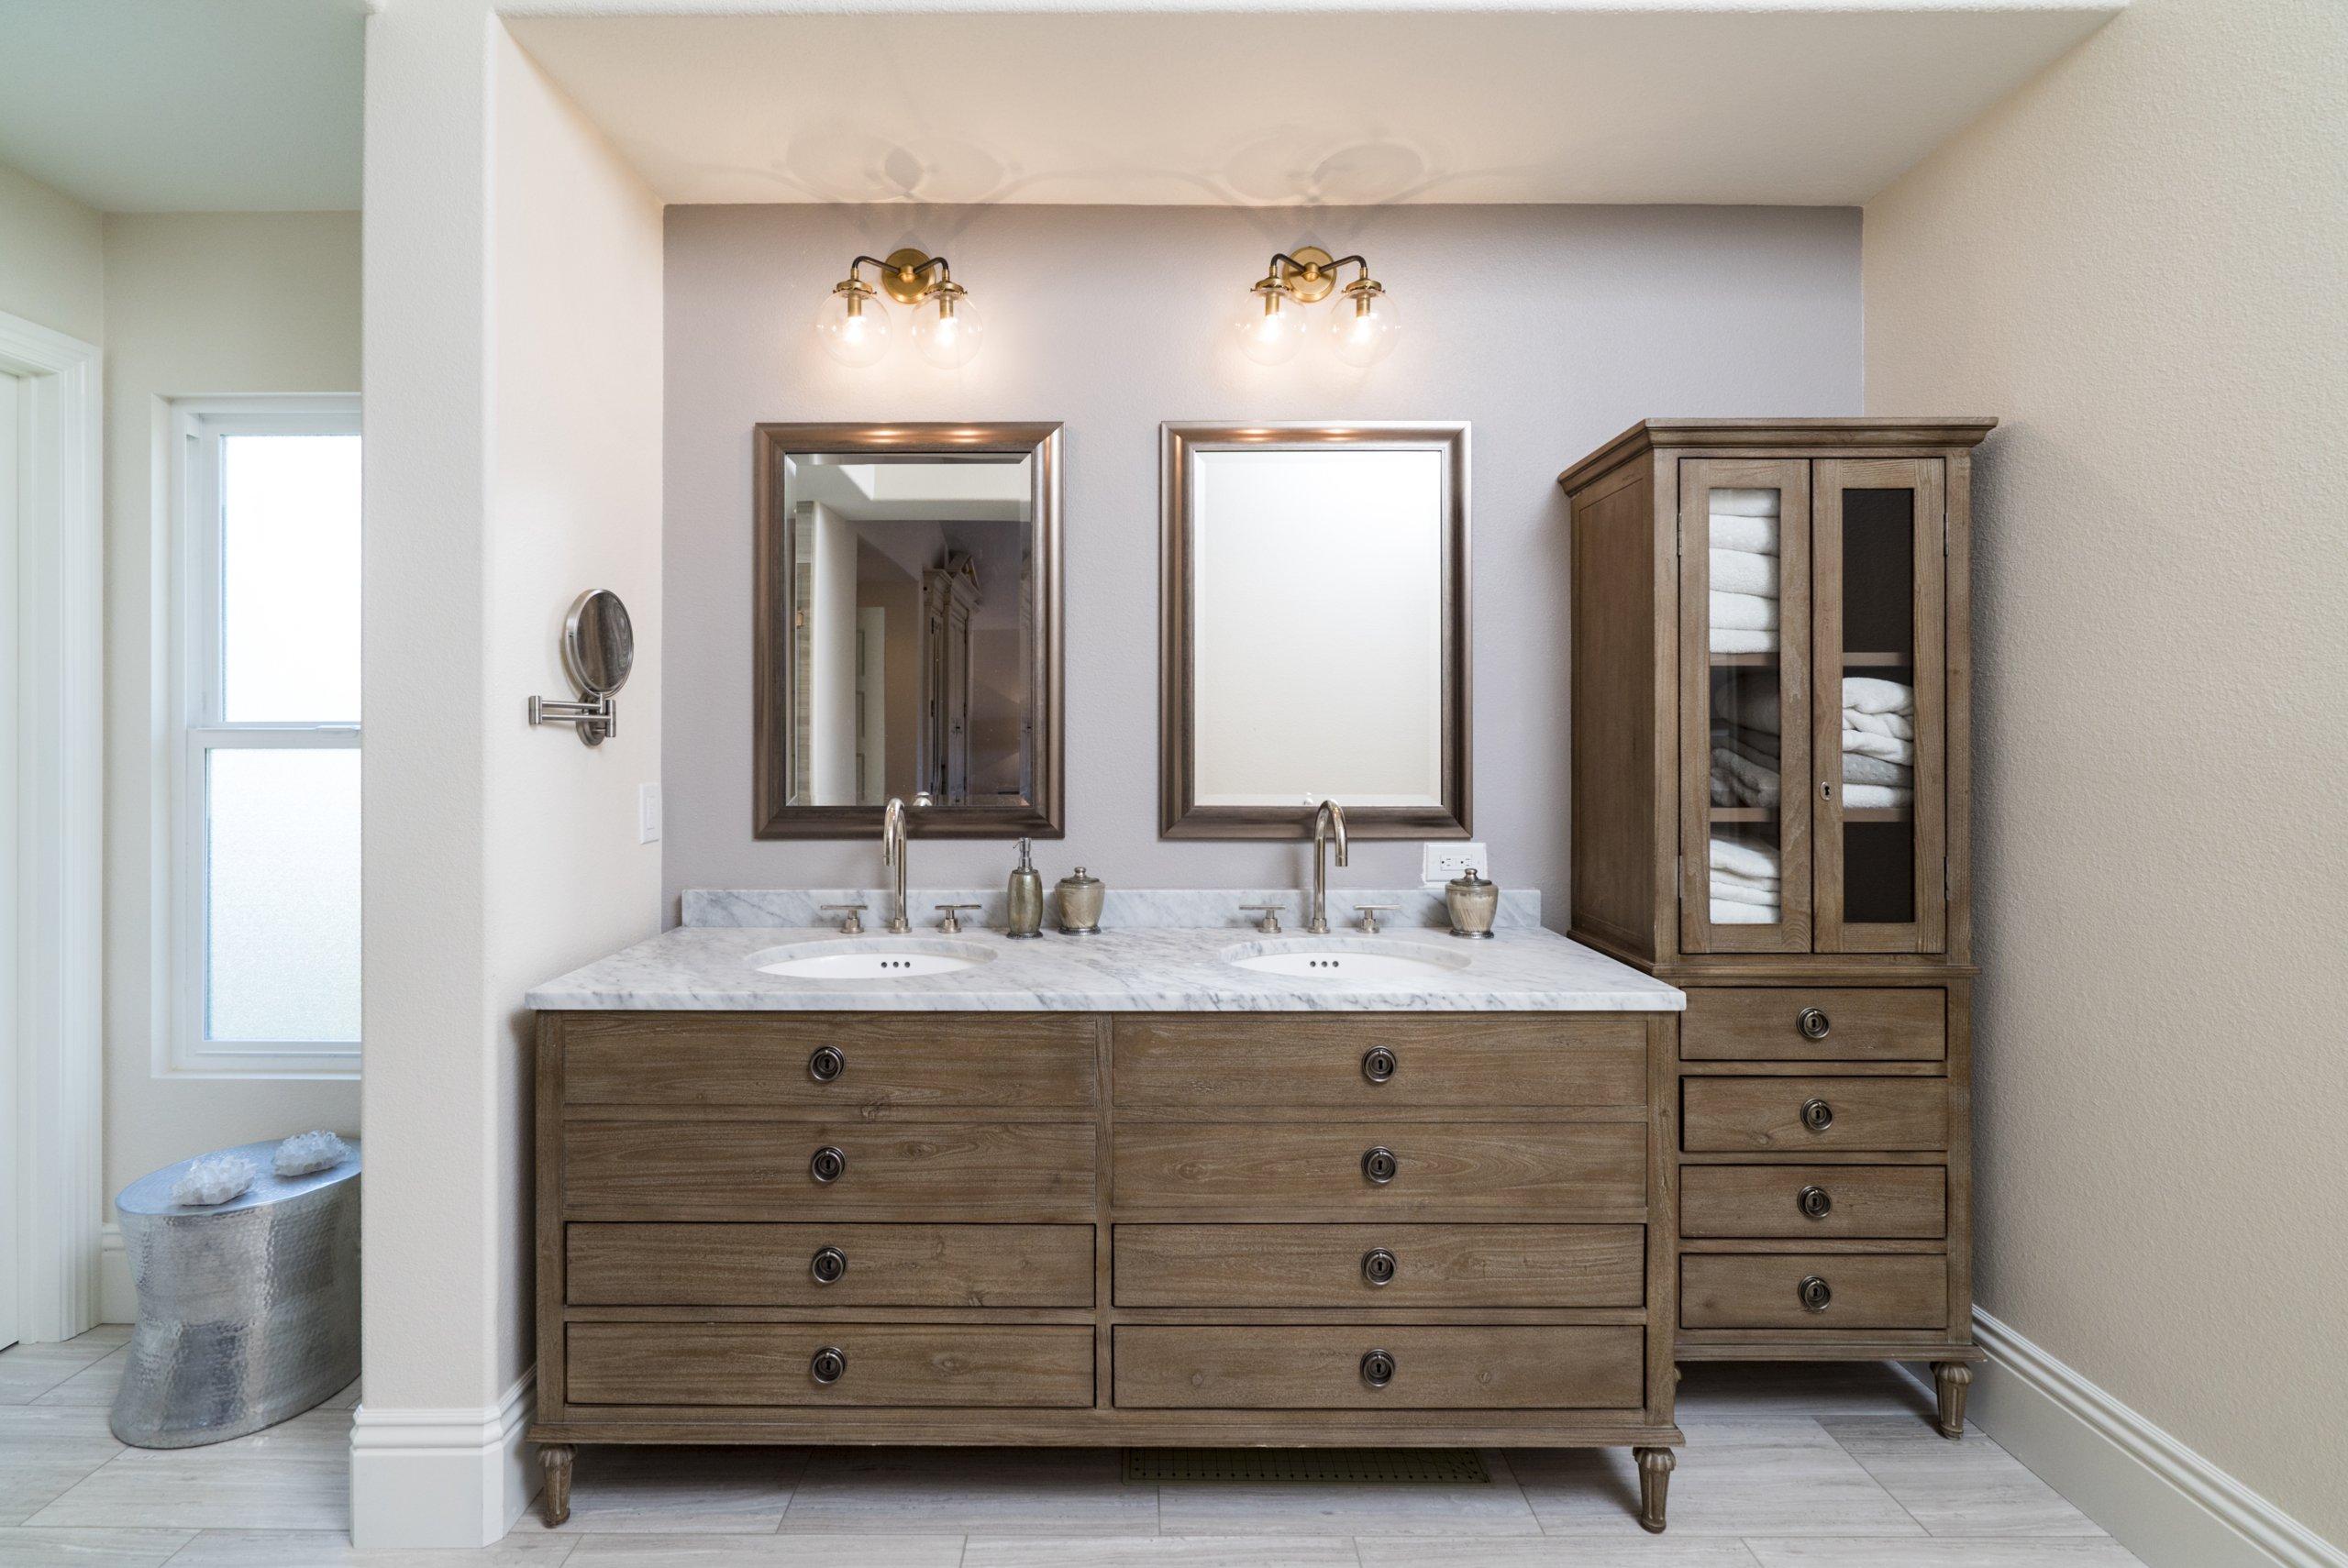 Bathroom Remodeling